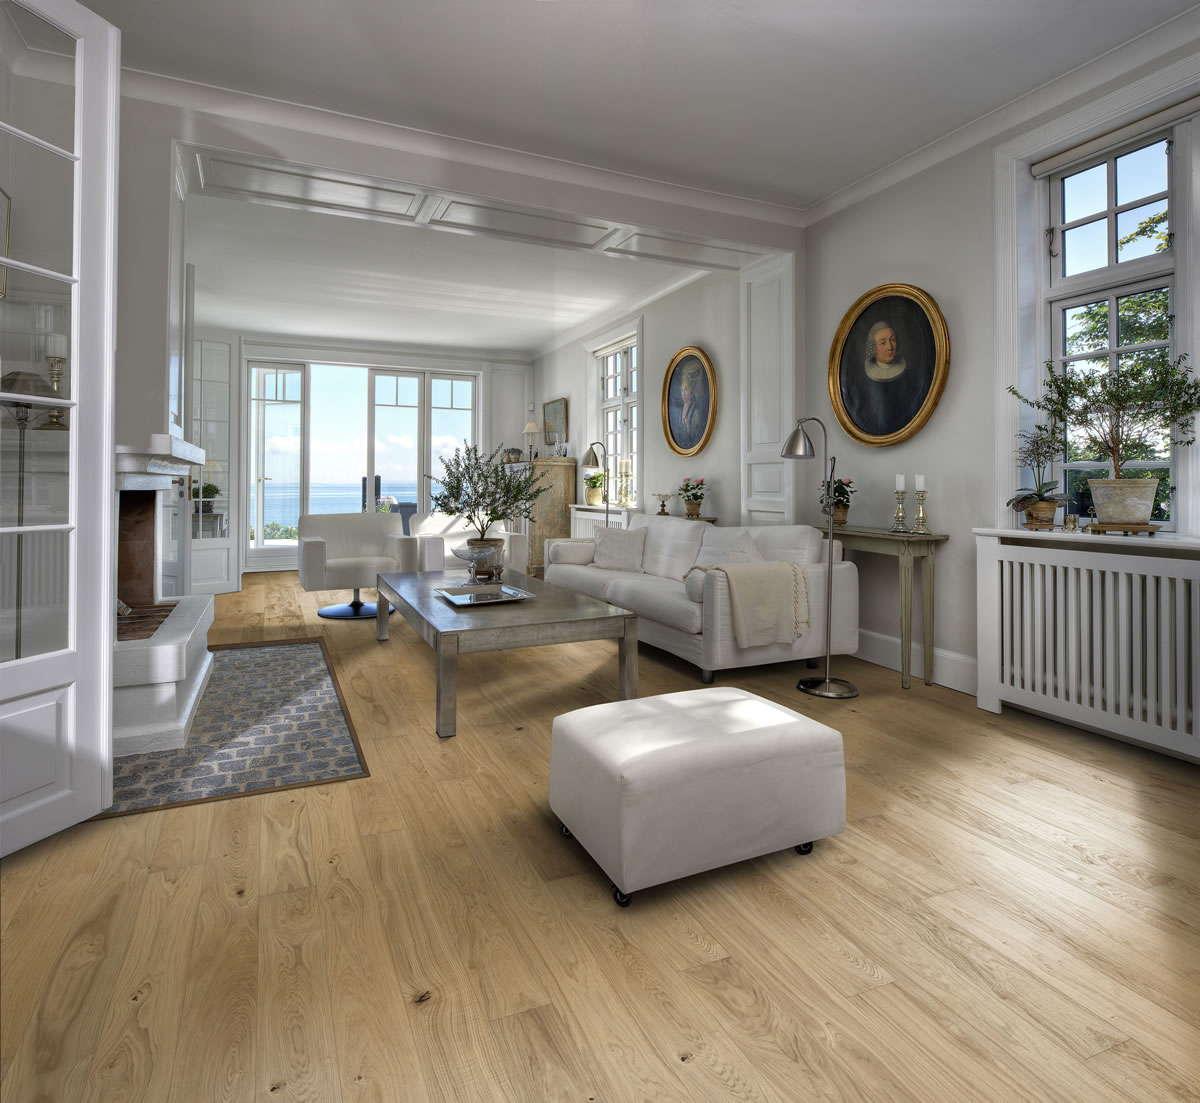 kahrs oak cornwall engineered wood flooring. Black Bedroom Furniture Sets. Home Design Ideas